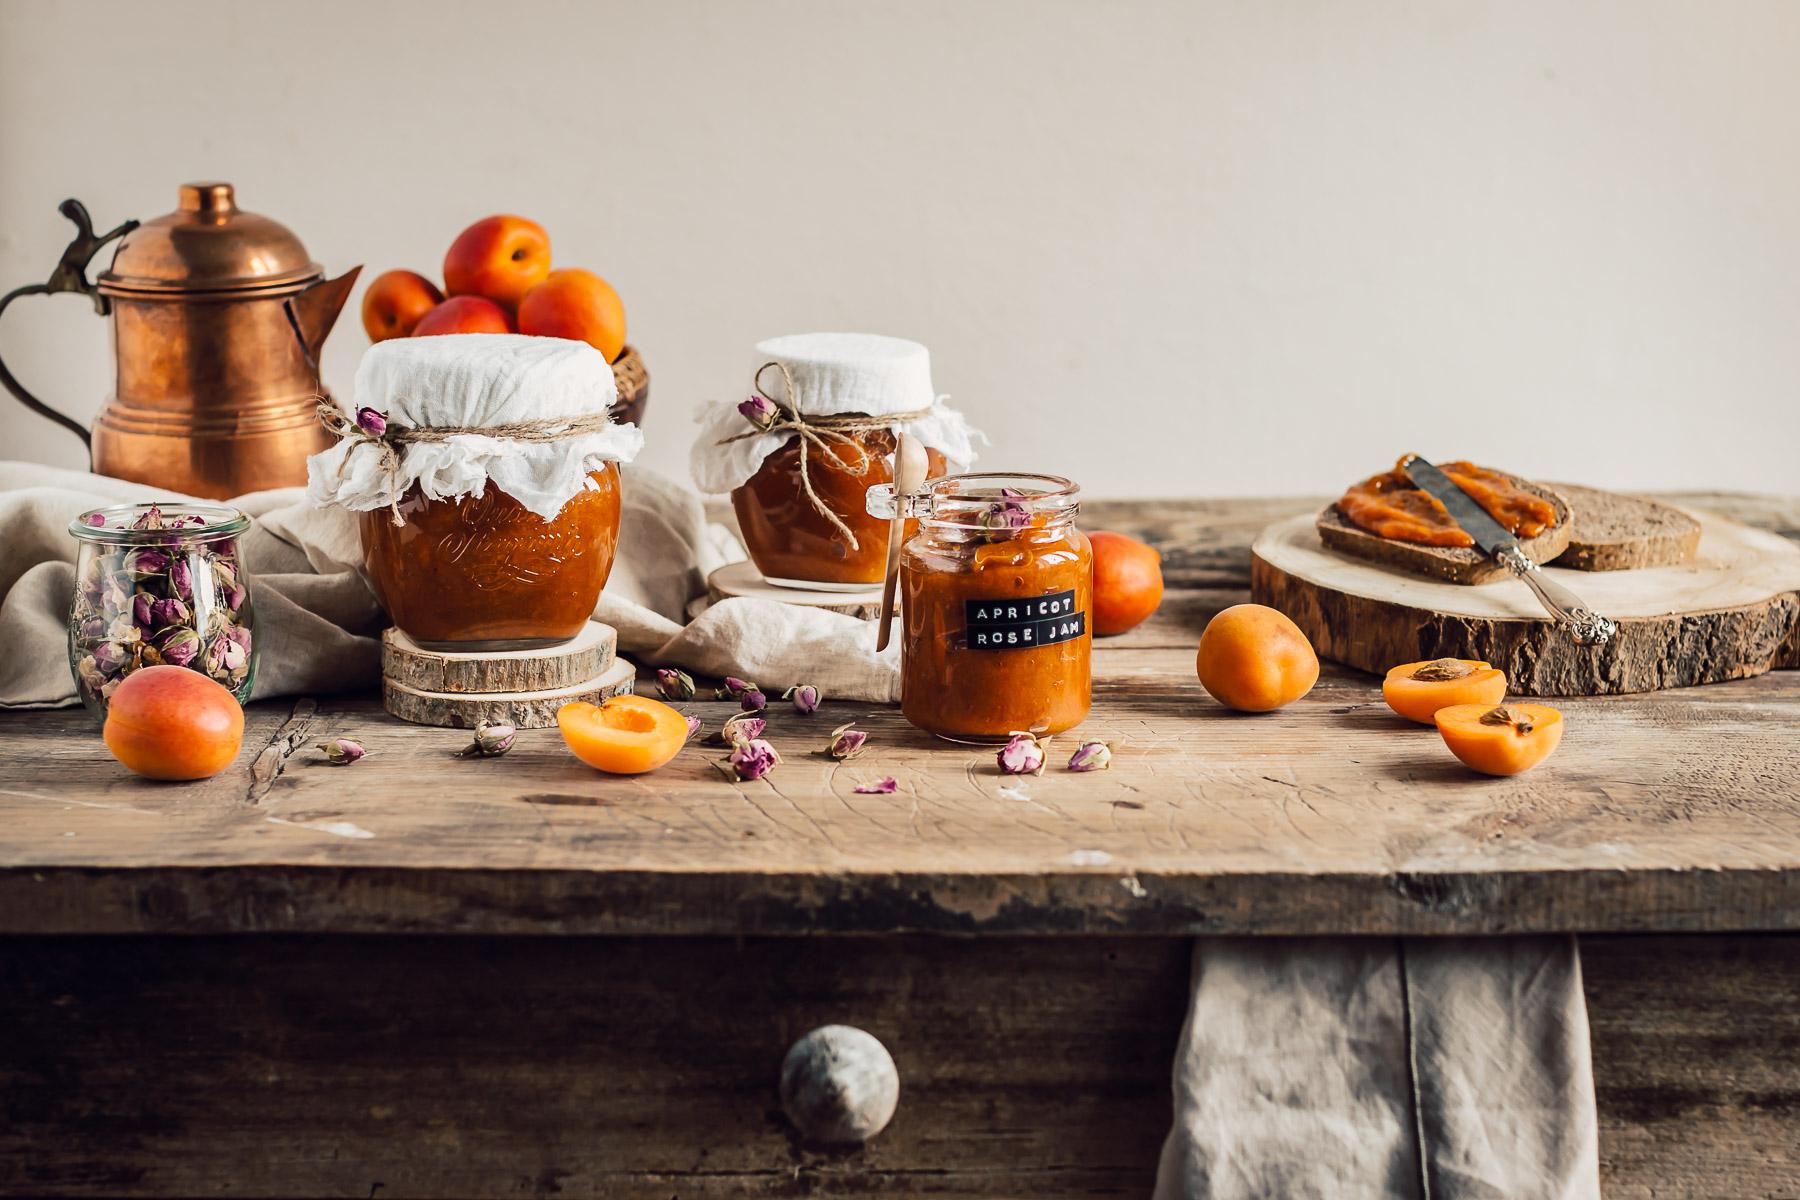 refined sugar free APRICOT JAM recipe with maple syrup and Damascena Rose infused tea ricetta CONFETTURA di ALBICOCCHE e sciroppo d acero alle rose di Damasco senza zucchero raffinato